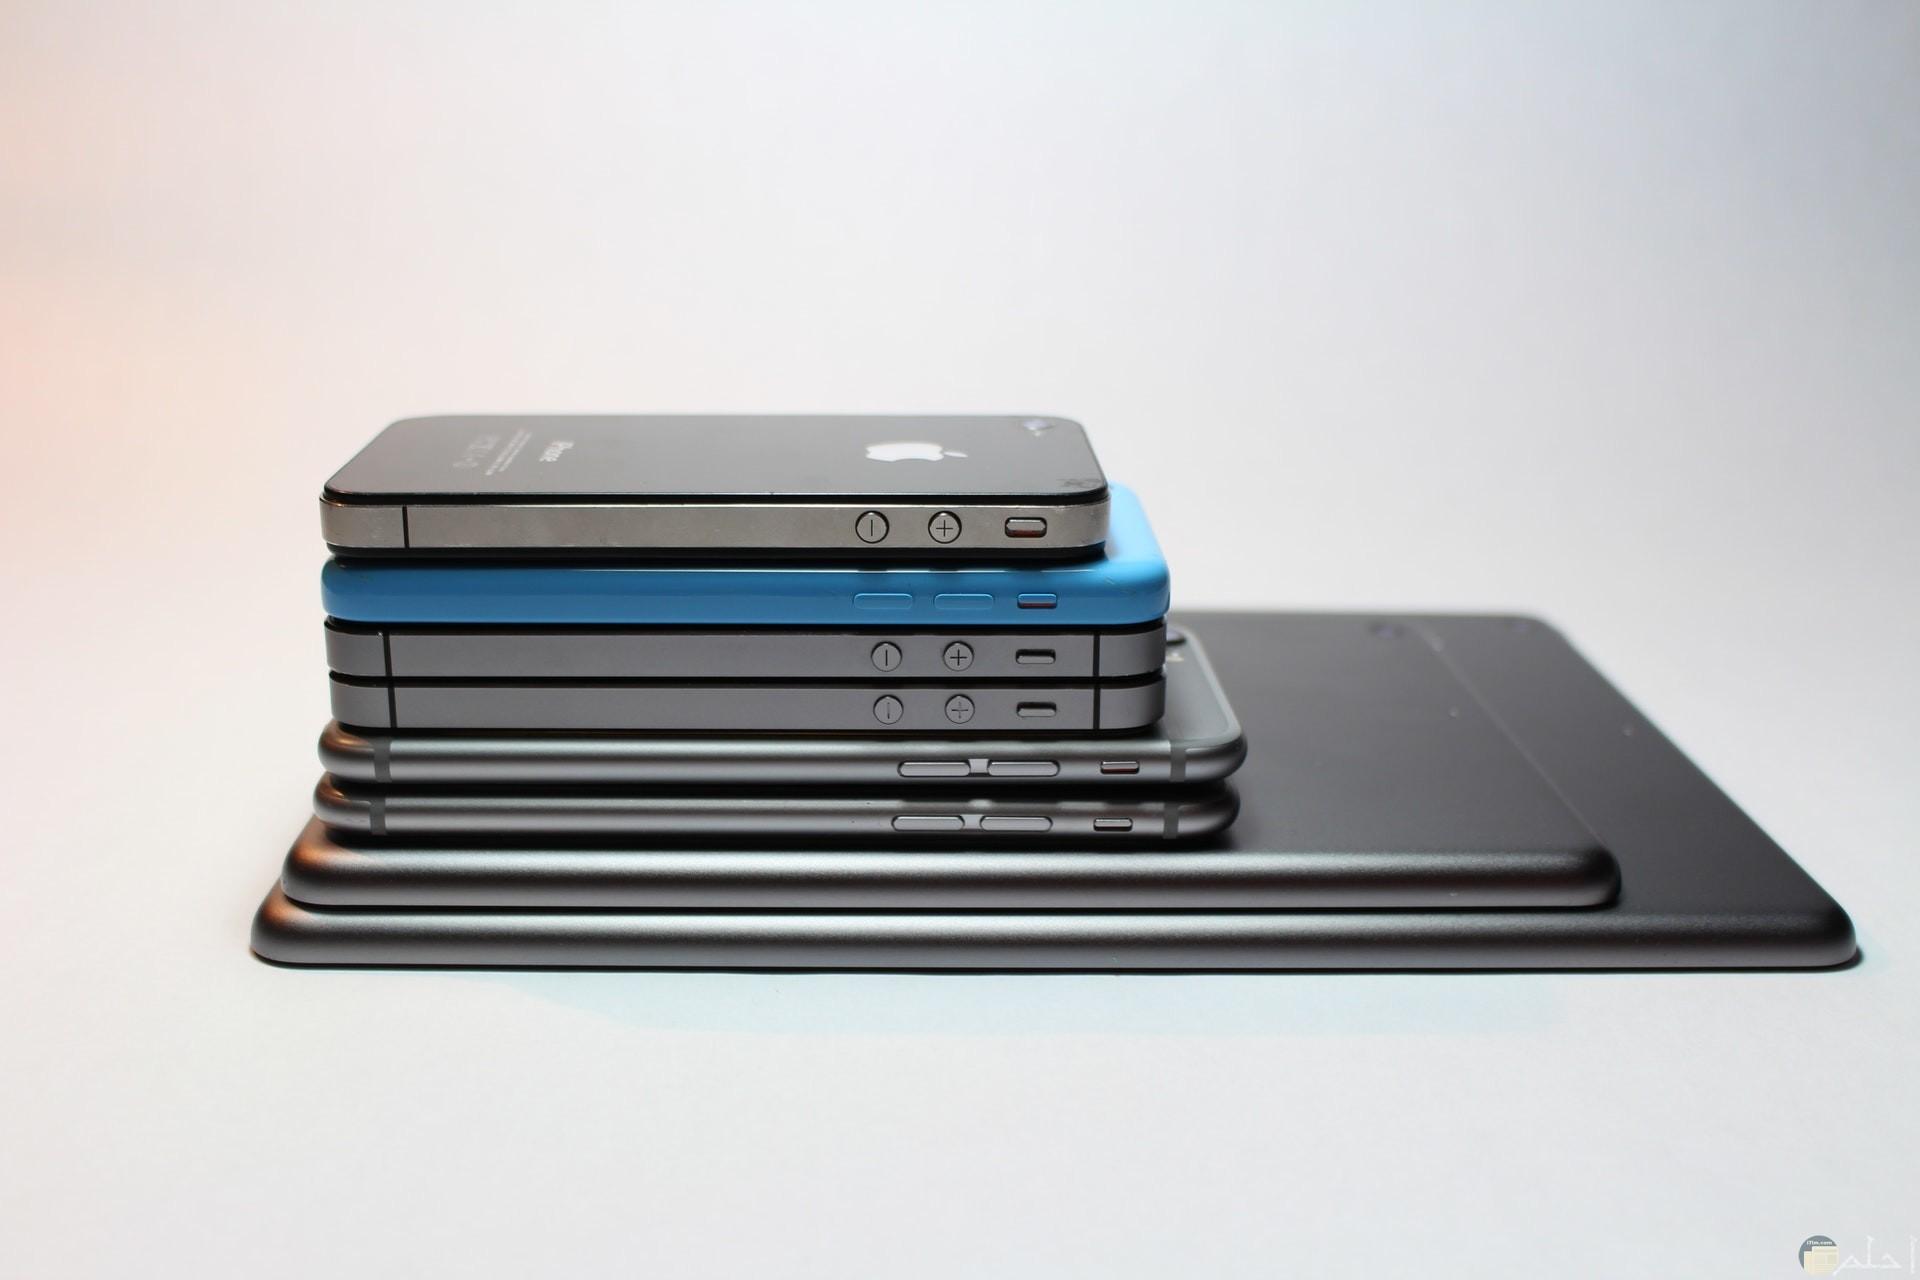 صورة جميلة جدا لمجموعة من الهواتف فوق بعضها من الأكبر للأصغر حجما